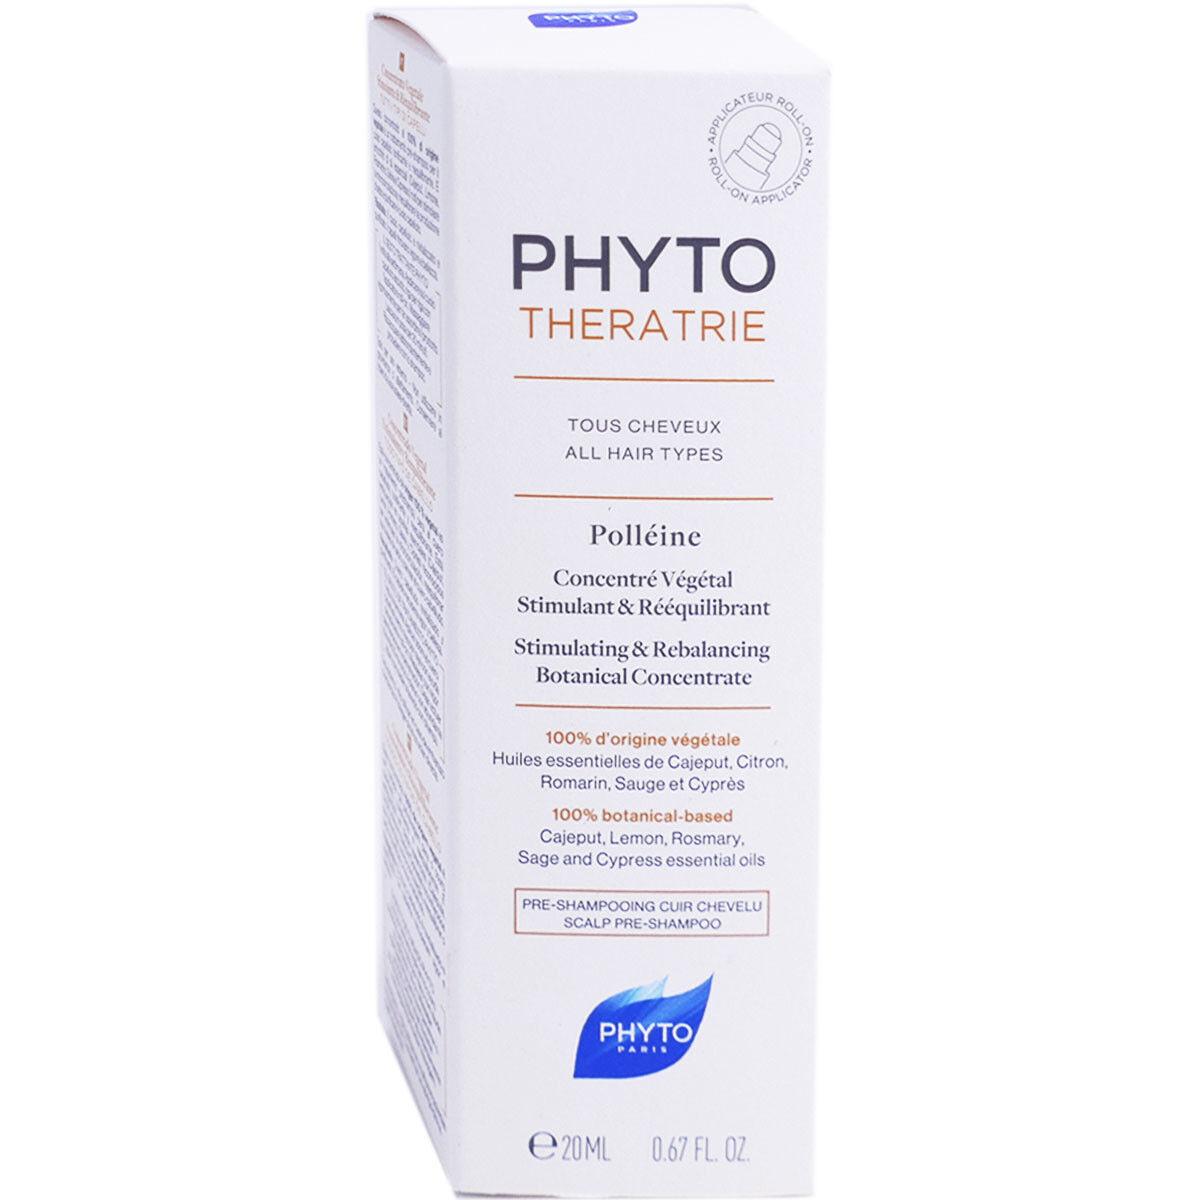 PHYTOSOLBA Phytotherapie polleine concentre vegetal 20ml